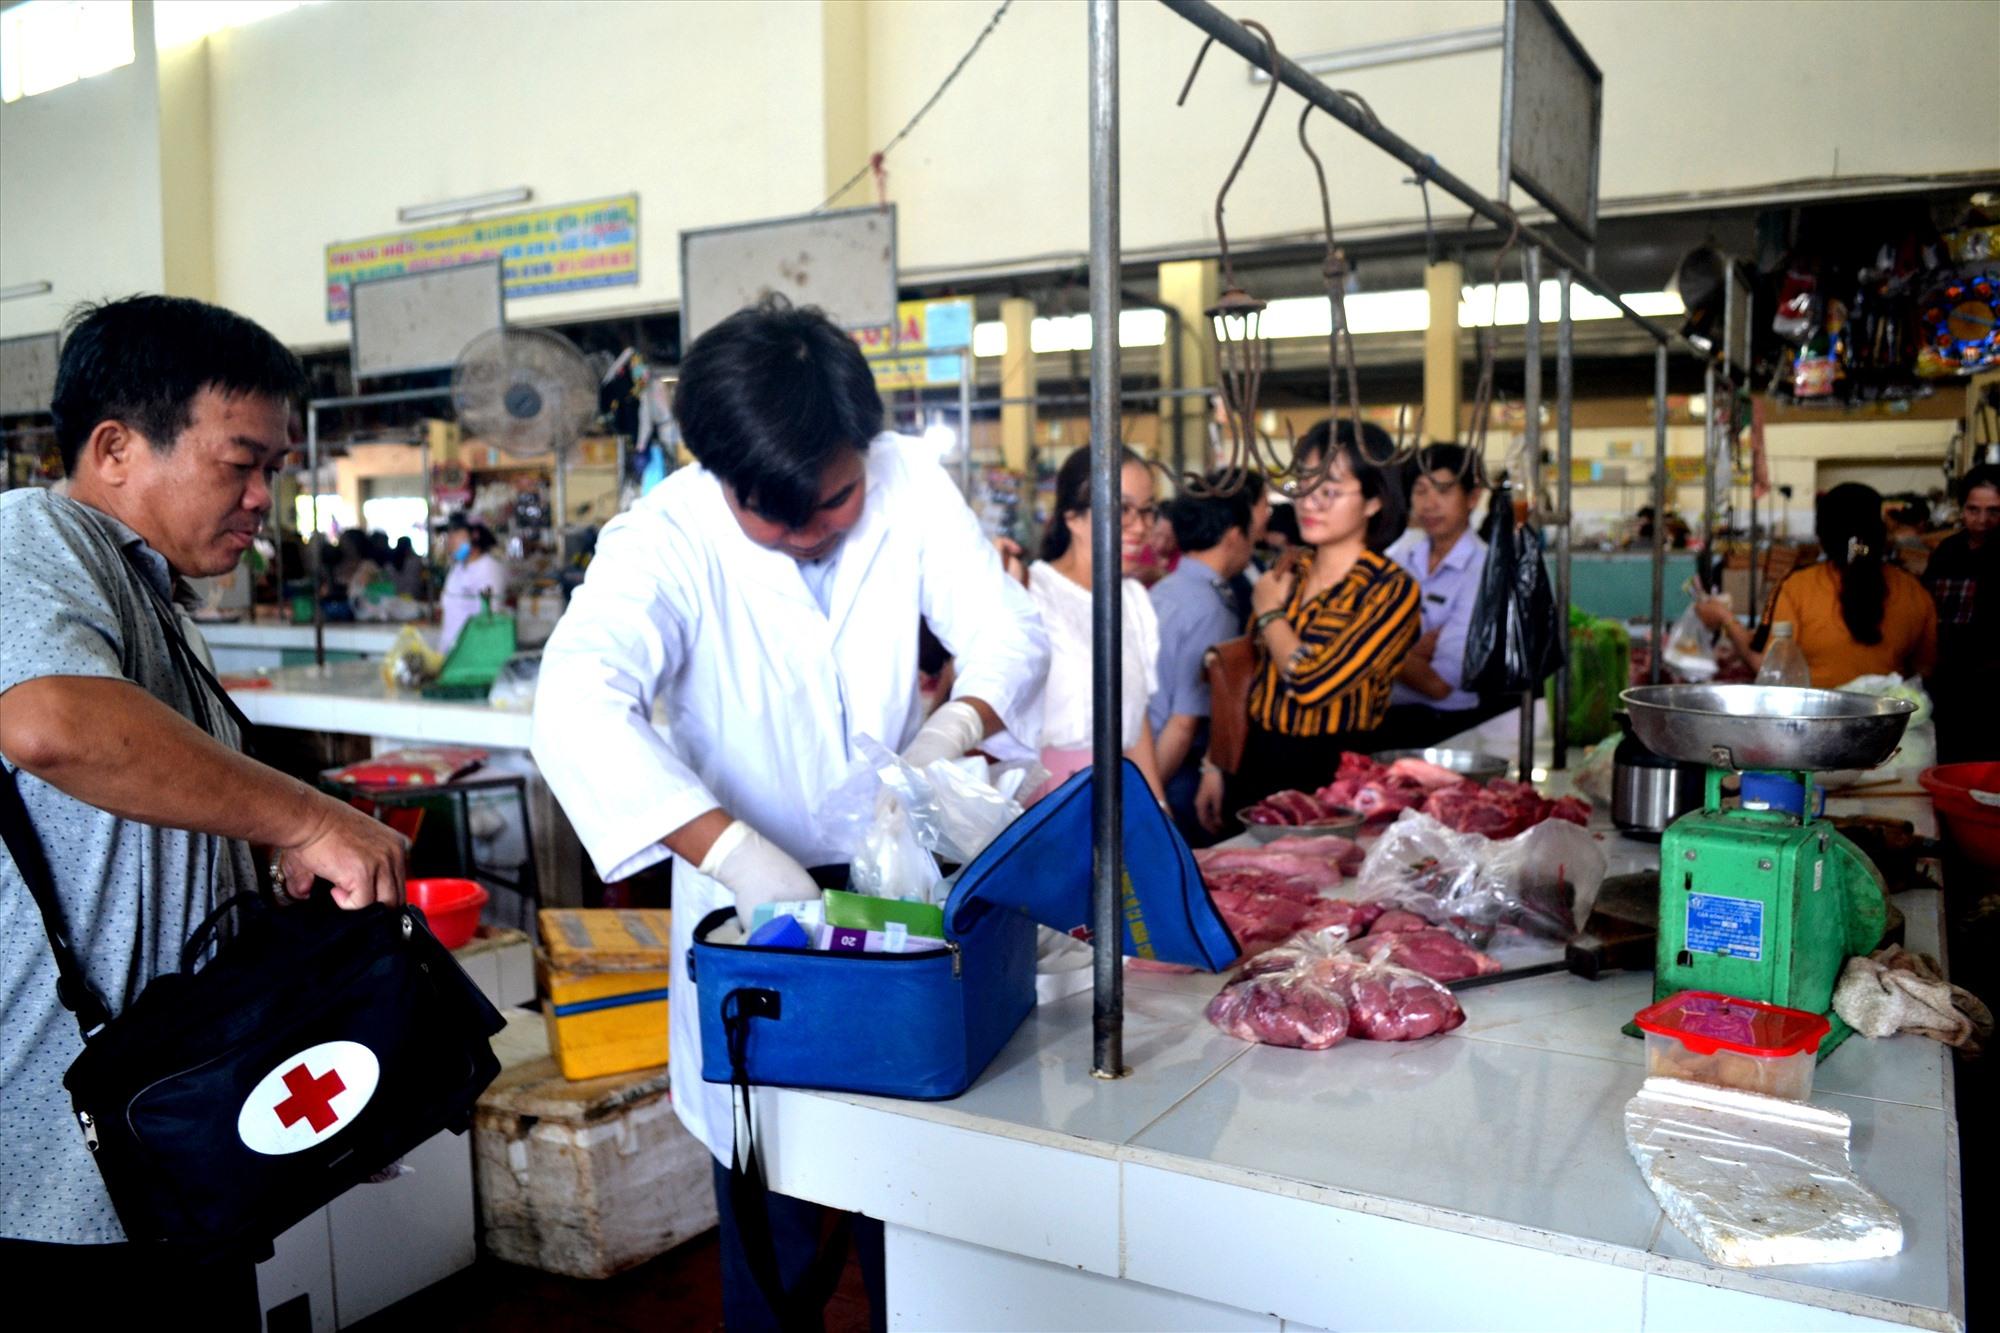 Ngành chức năng yêu cầu ban quản lý các chợ kiểm soát thực phẩm từ gia súc. Ảnh: VIỆT NGUYỄN